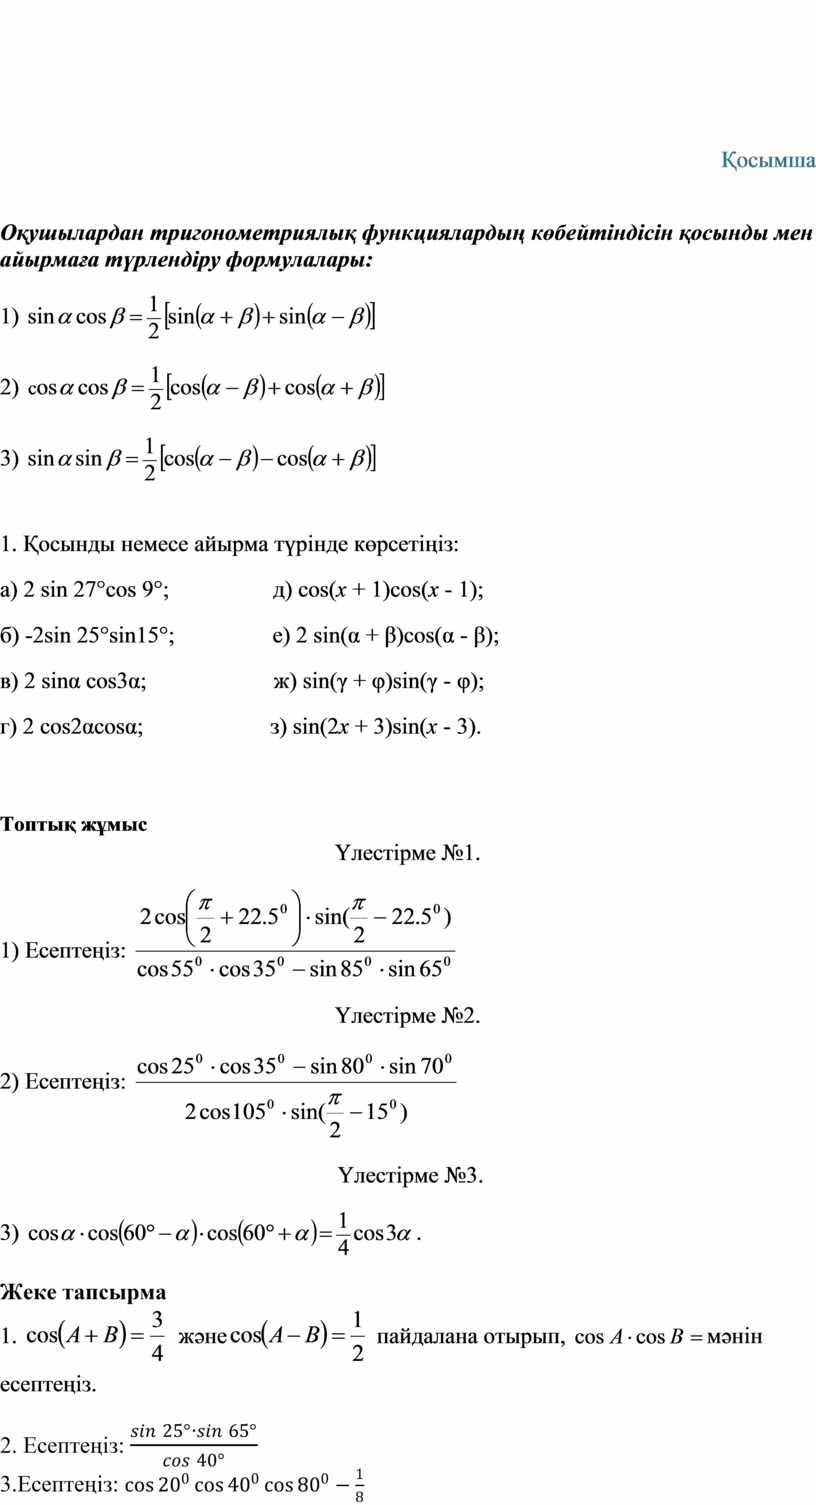 Оқушылардан тригонометриялық функциялардың көбейтіндісін қосынды мен айырмаға түрлендіру формулалары: 1) 2) 3) 1